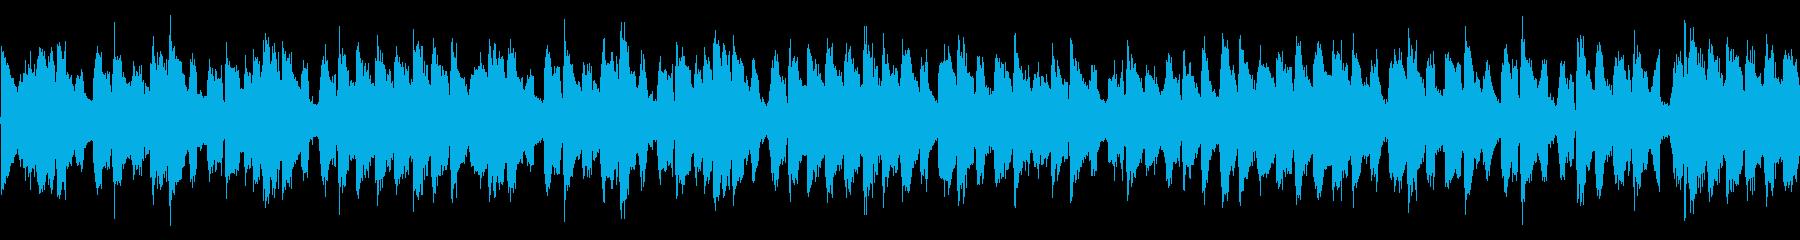 ある日の出来事 (Key F)の再生済みの波形